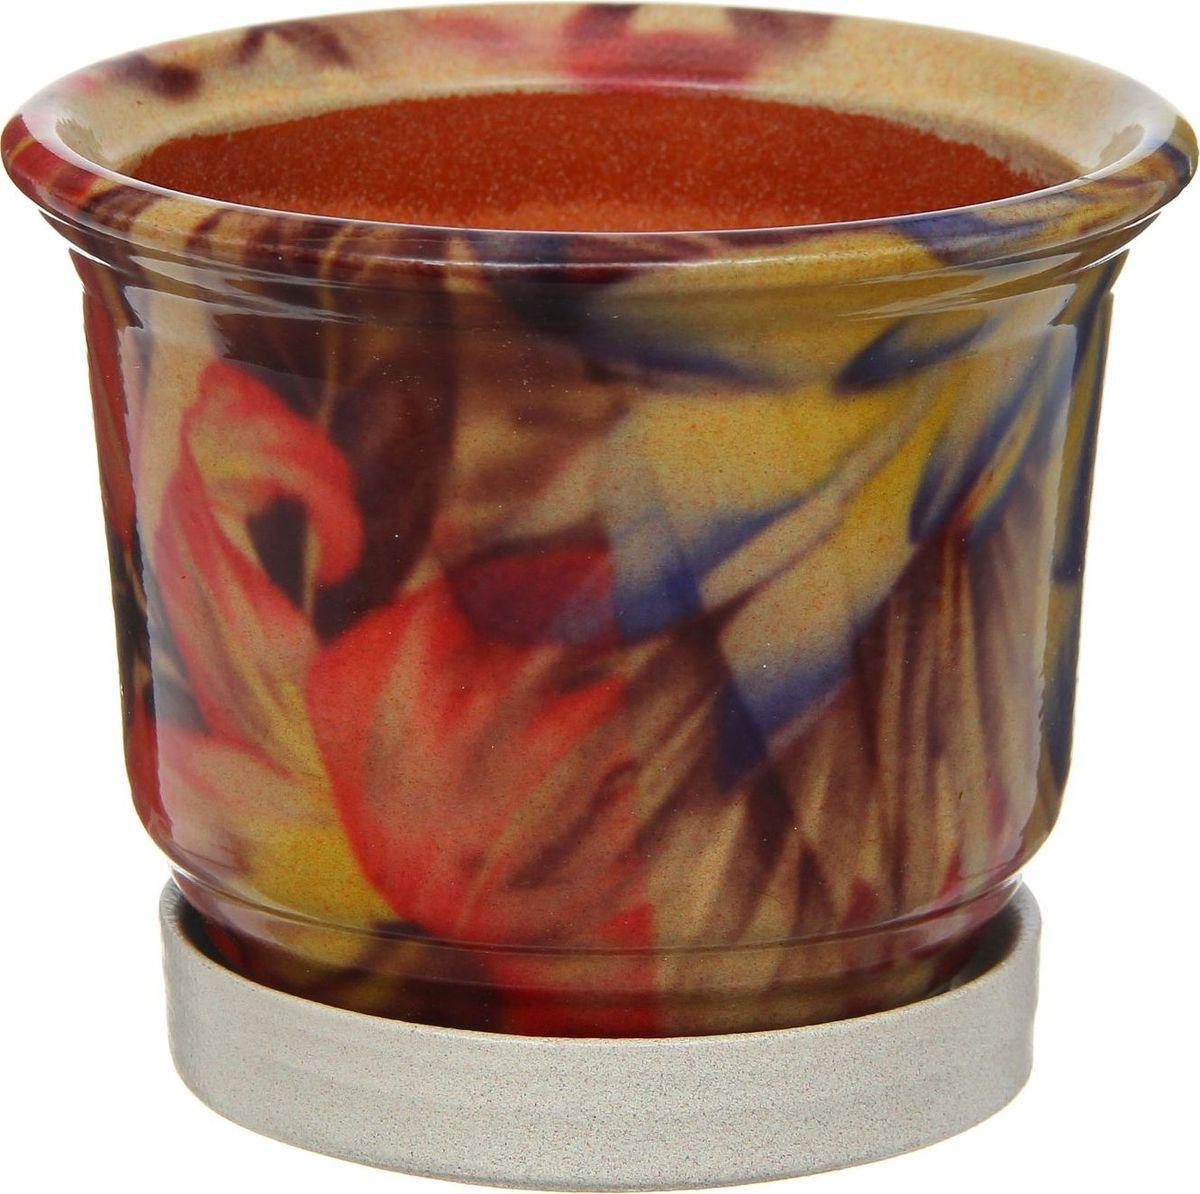 Кашпо Цветник. Лотос, 0,9 л1253868Комнатные растения — всеобщие любимцы. Они радуют глаз, насыщают помещение кислородом и украшают пространство. Каждому из них необходим свой удобный и красивый дом. Кашпо из керамики прекрасно подходят для высадки растений: за счёт пластичности глины и разных способов обработки существует великое множество форм и дизайновпористый материал позволяет испаряться лишней влагевоздух, необходимый для дыхания корней, проникает сквозь керамические стенки! #name# позаботится о зелёном питомце, освежит интерьер и подчеркнёт его стиль.